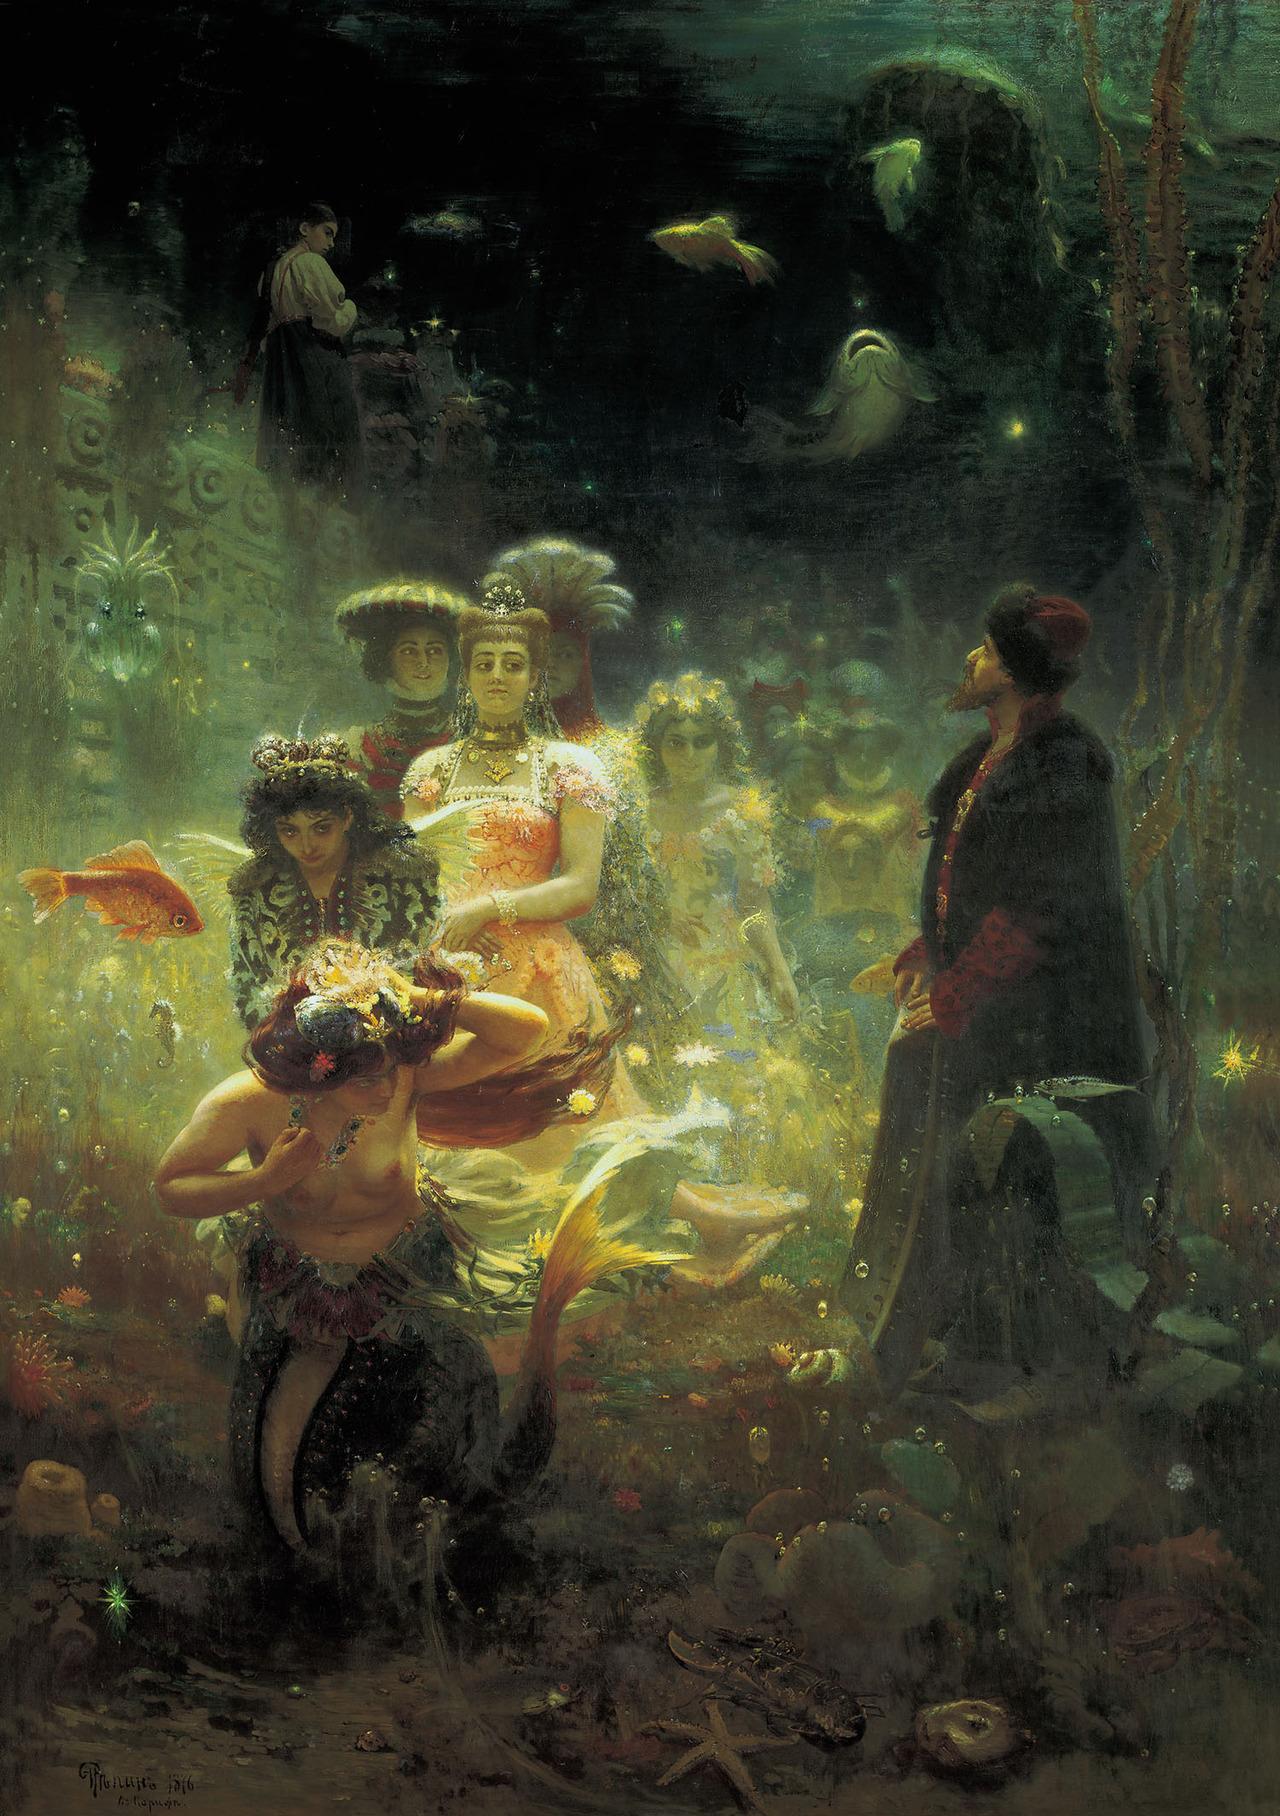 Sadko in the underwater kingdom, Ilya Repin